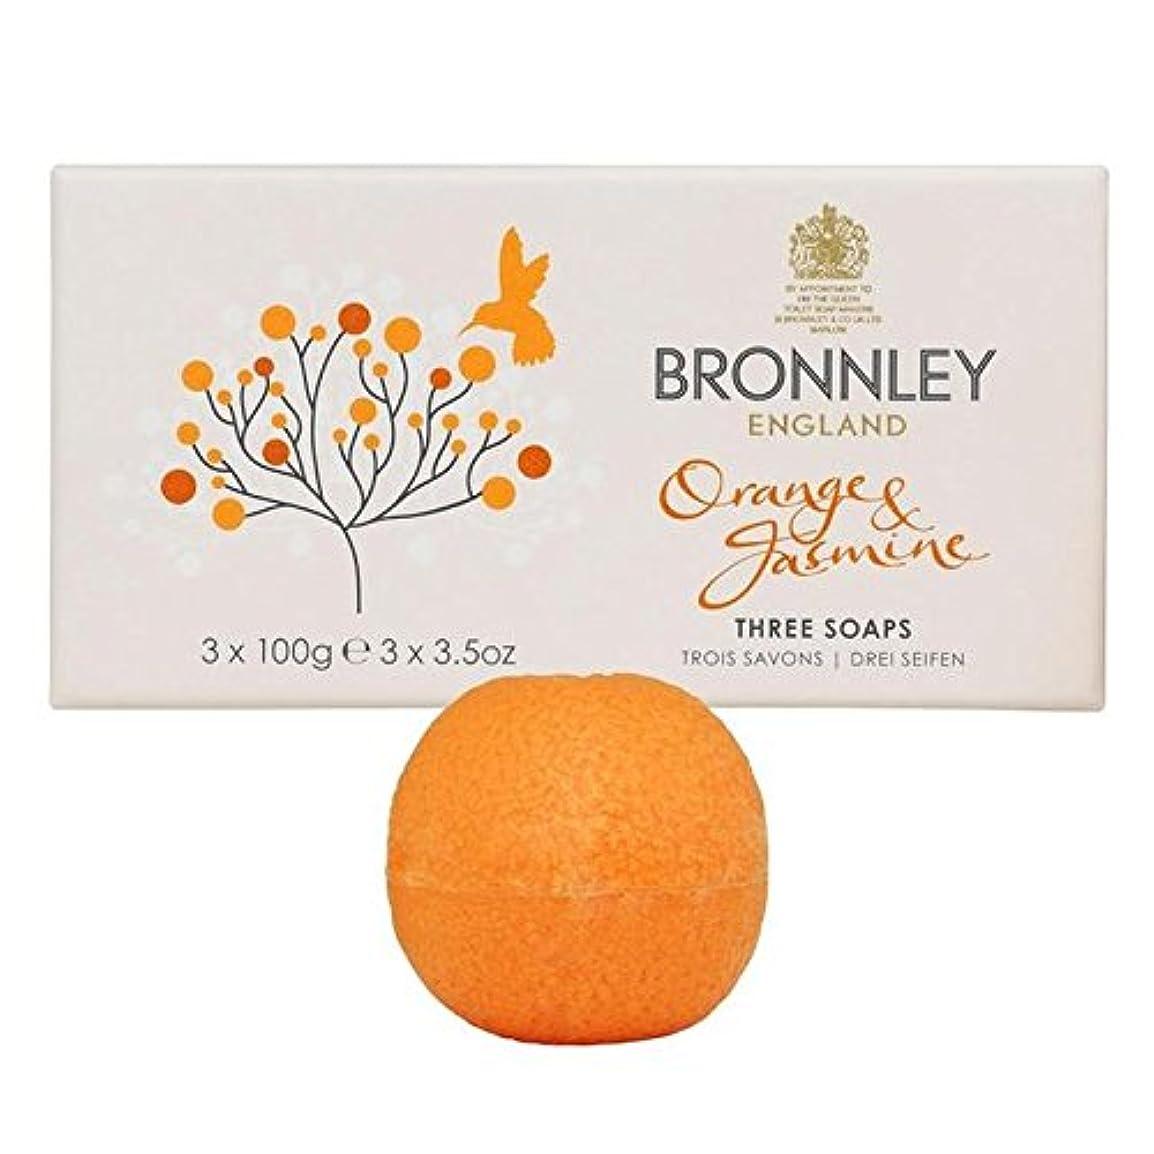 無駄な抽象化怖いオレンジ&ジャスミン石鹸3×100グラム x2 - Bronnley Orange & Jasmine Soaps 3 x 100g (Pack of 2) [並行輸入品]